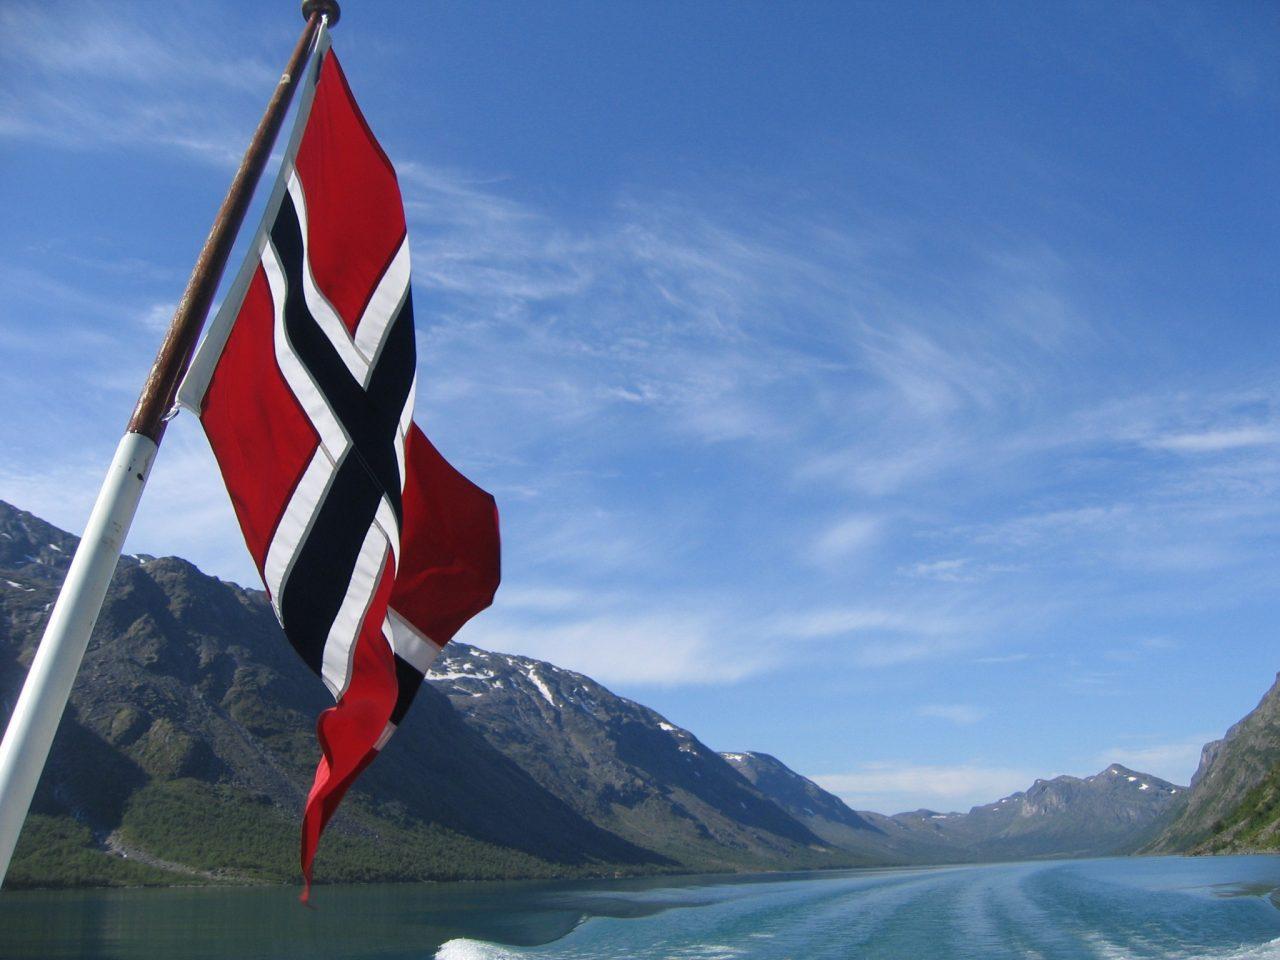 Norske flagget som flagrer bak en båt